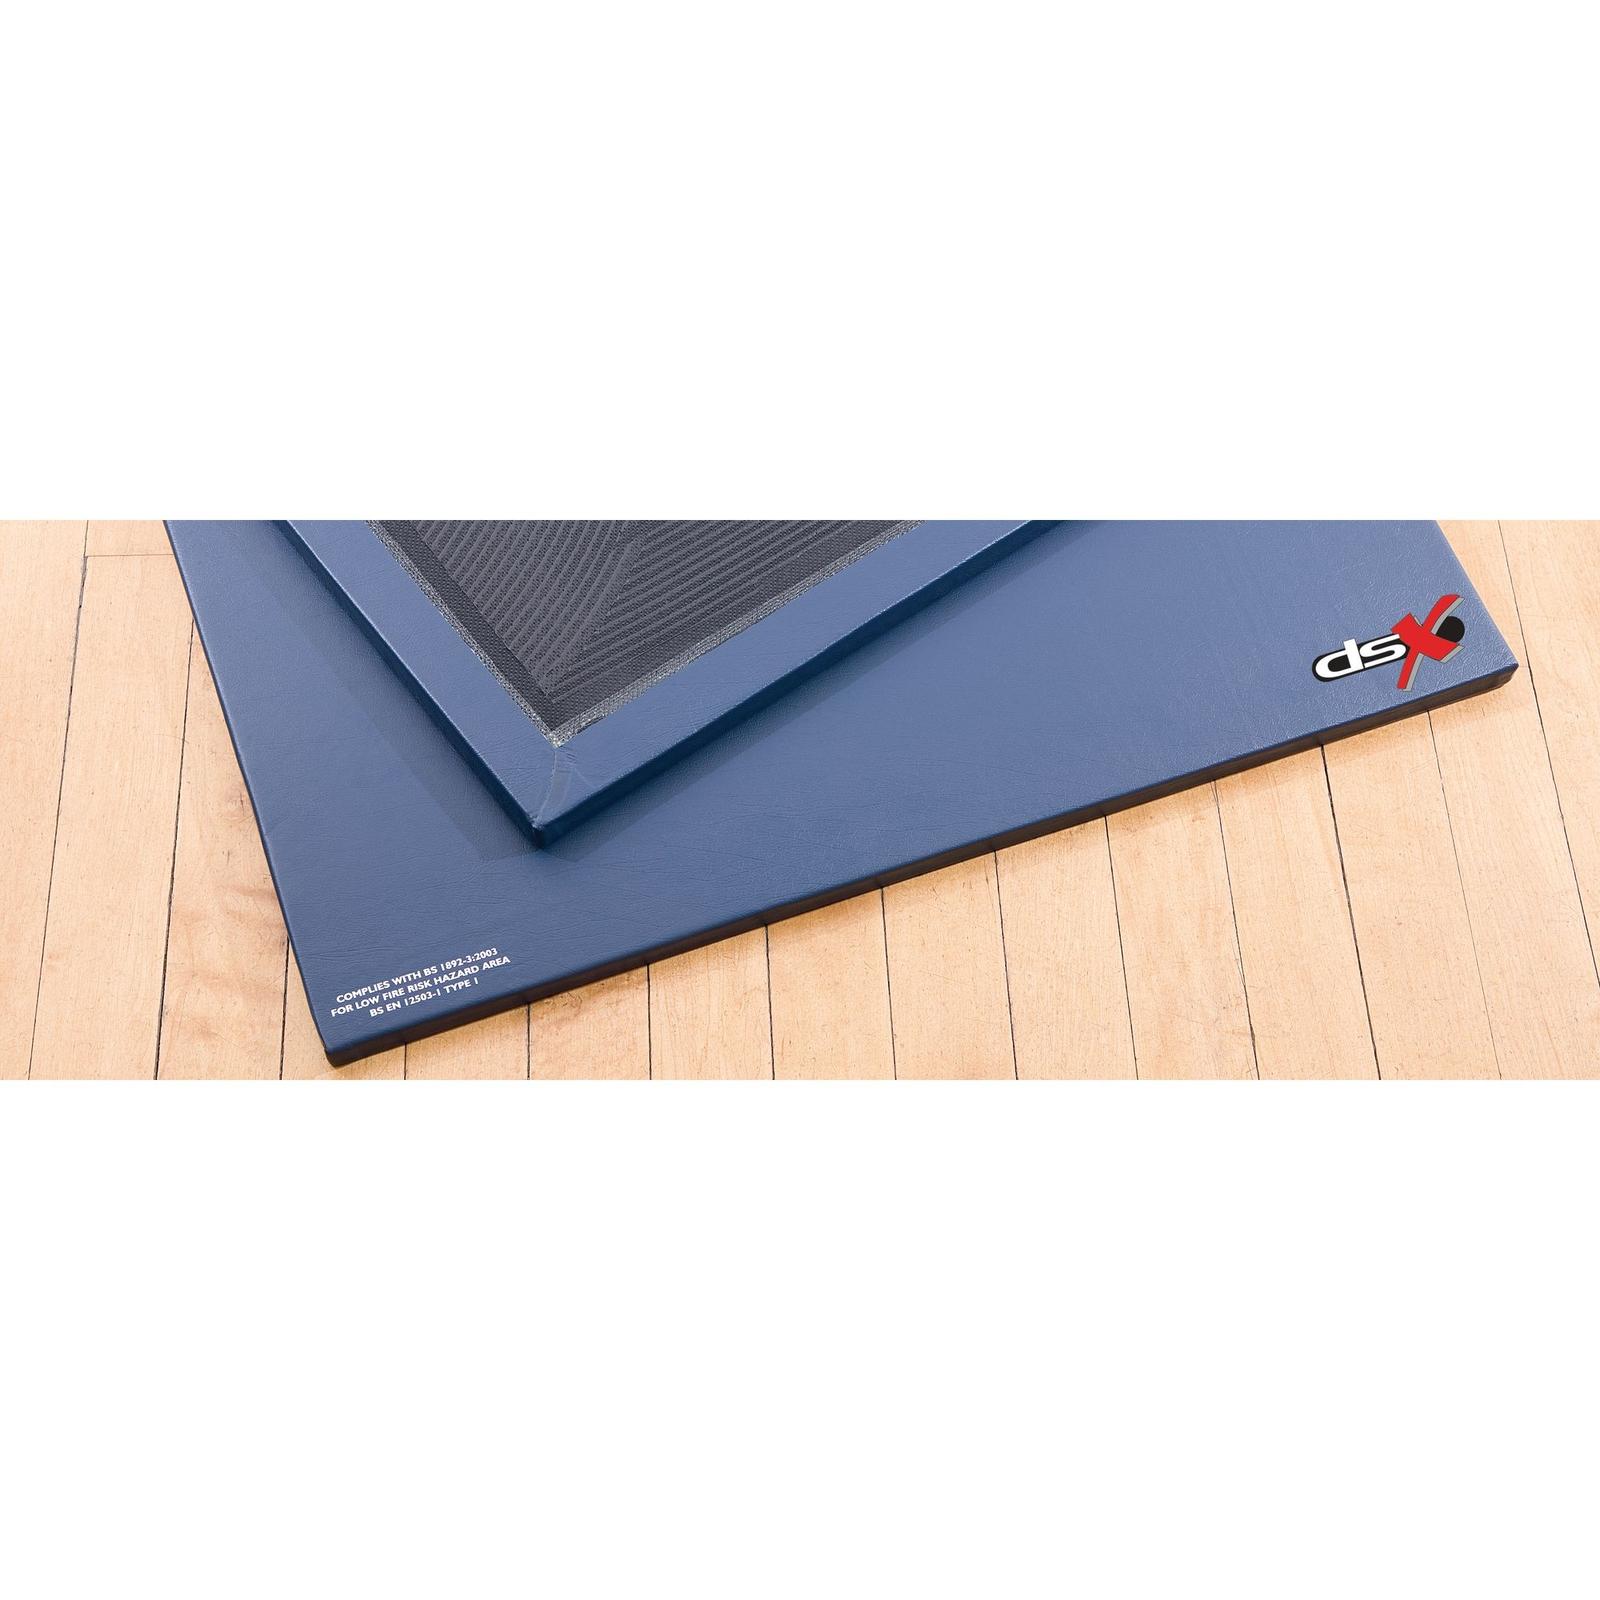 dsx Lightweight Gym Mat - 1.22m x 0.91m x 32mm